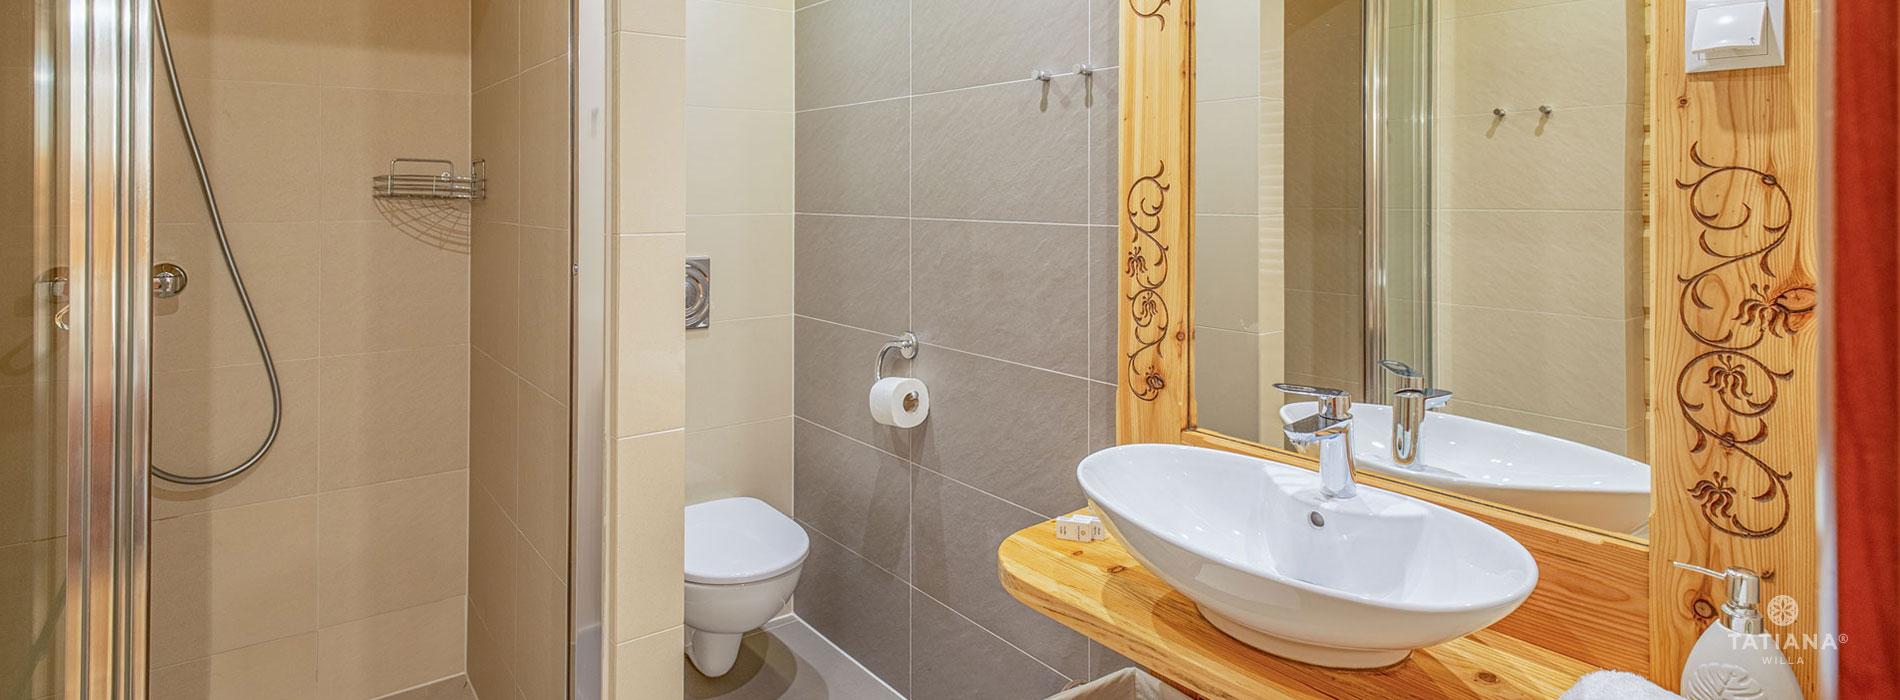 Apartment Premium 7 - Bathroom